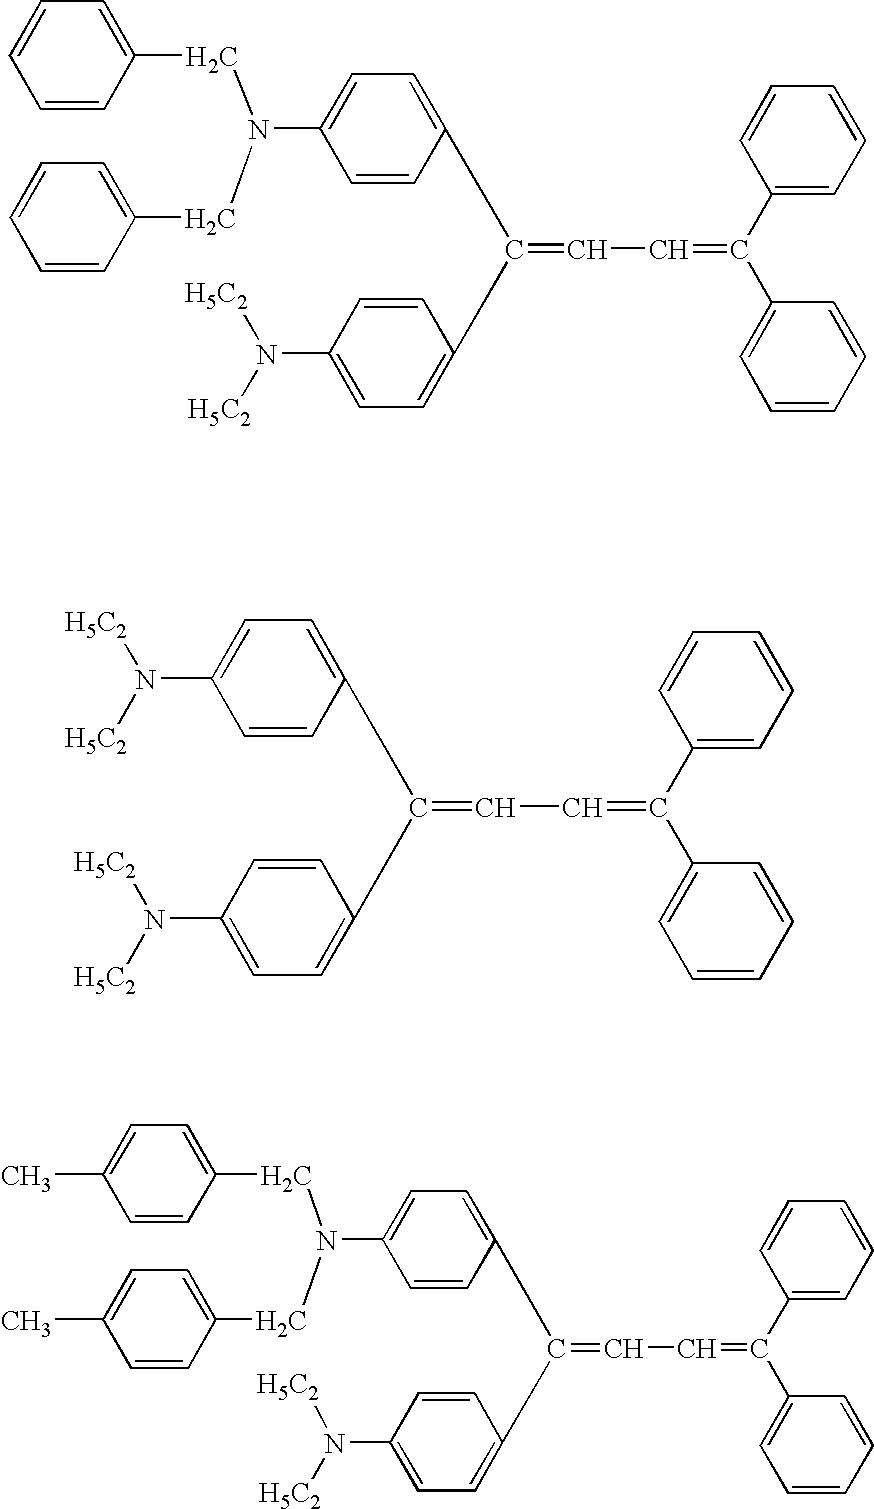 Figure US20070231733A1-20071004-C00013